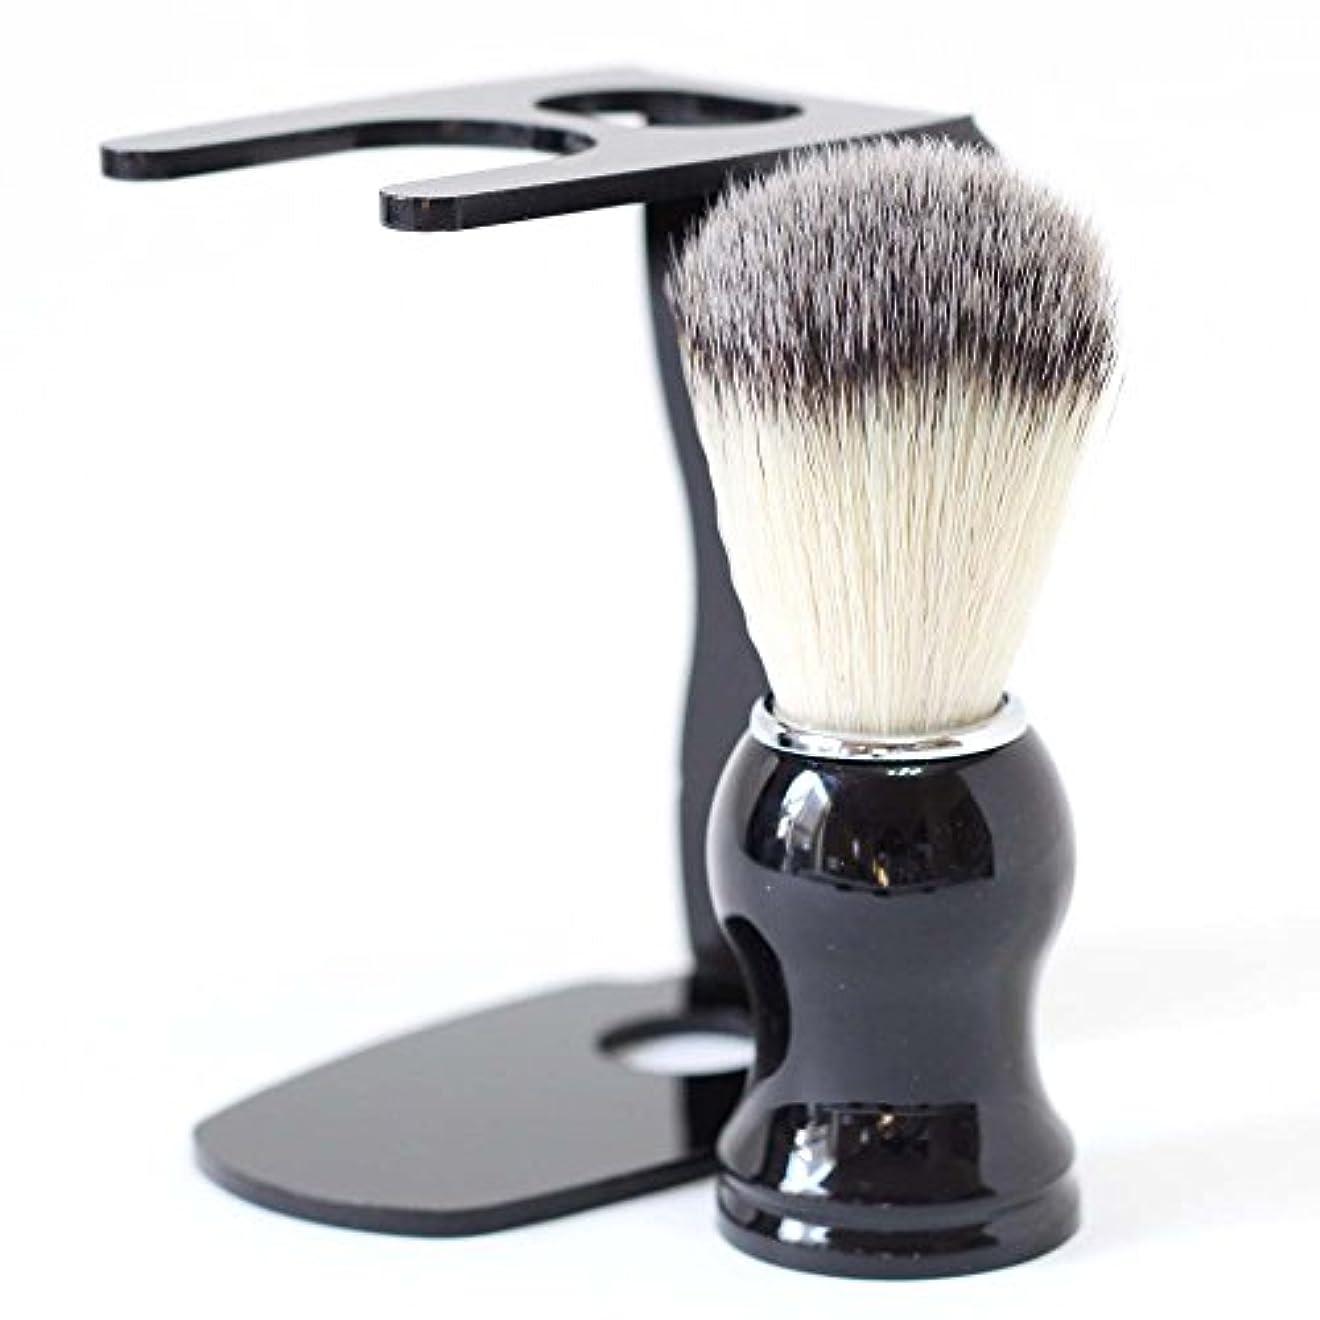 ボート地獄小石【Barsado】泡立ちが違う 100% アナグマ 毛 シェービング ブラシ スタンド付き/理容 洗顔 髭剃り マッサージ 効果